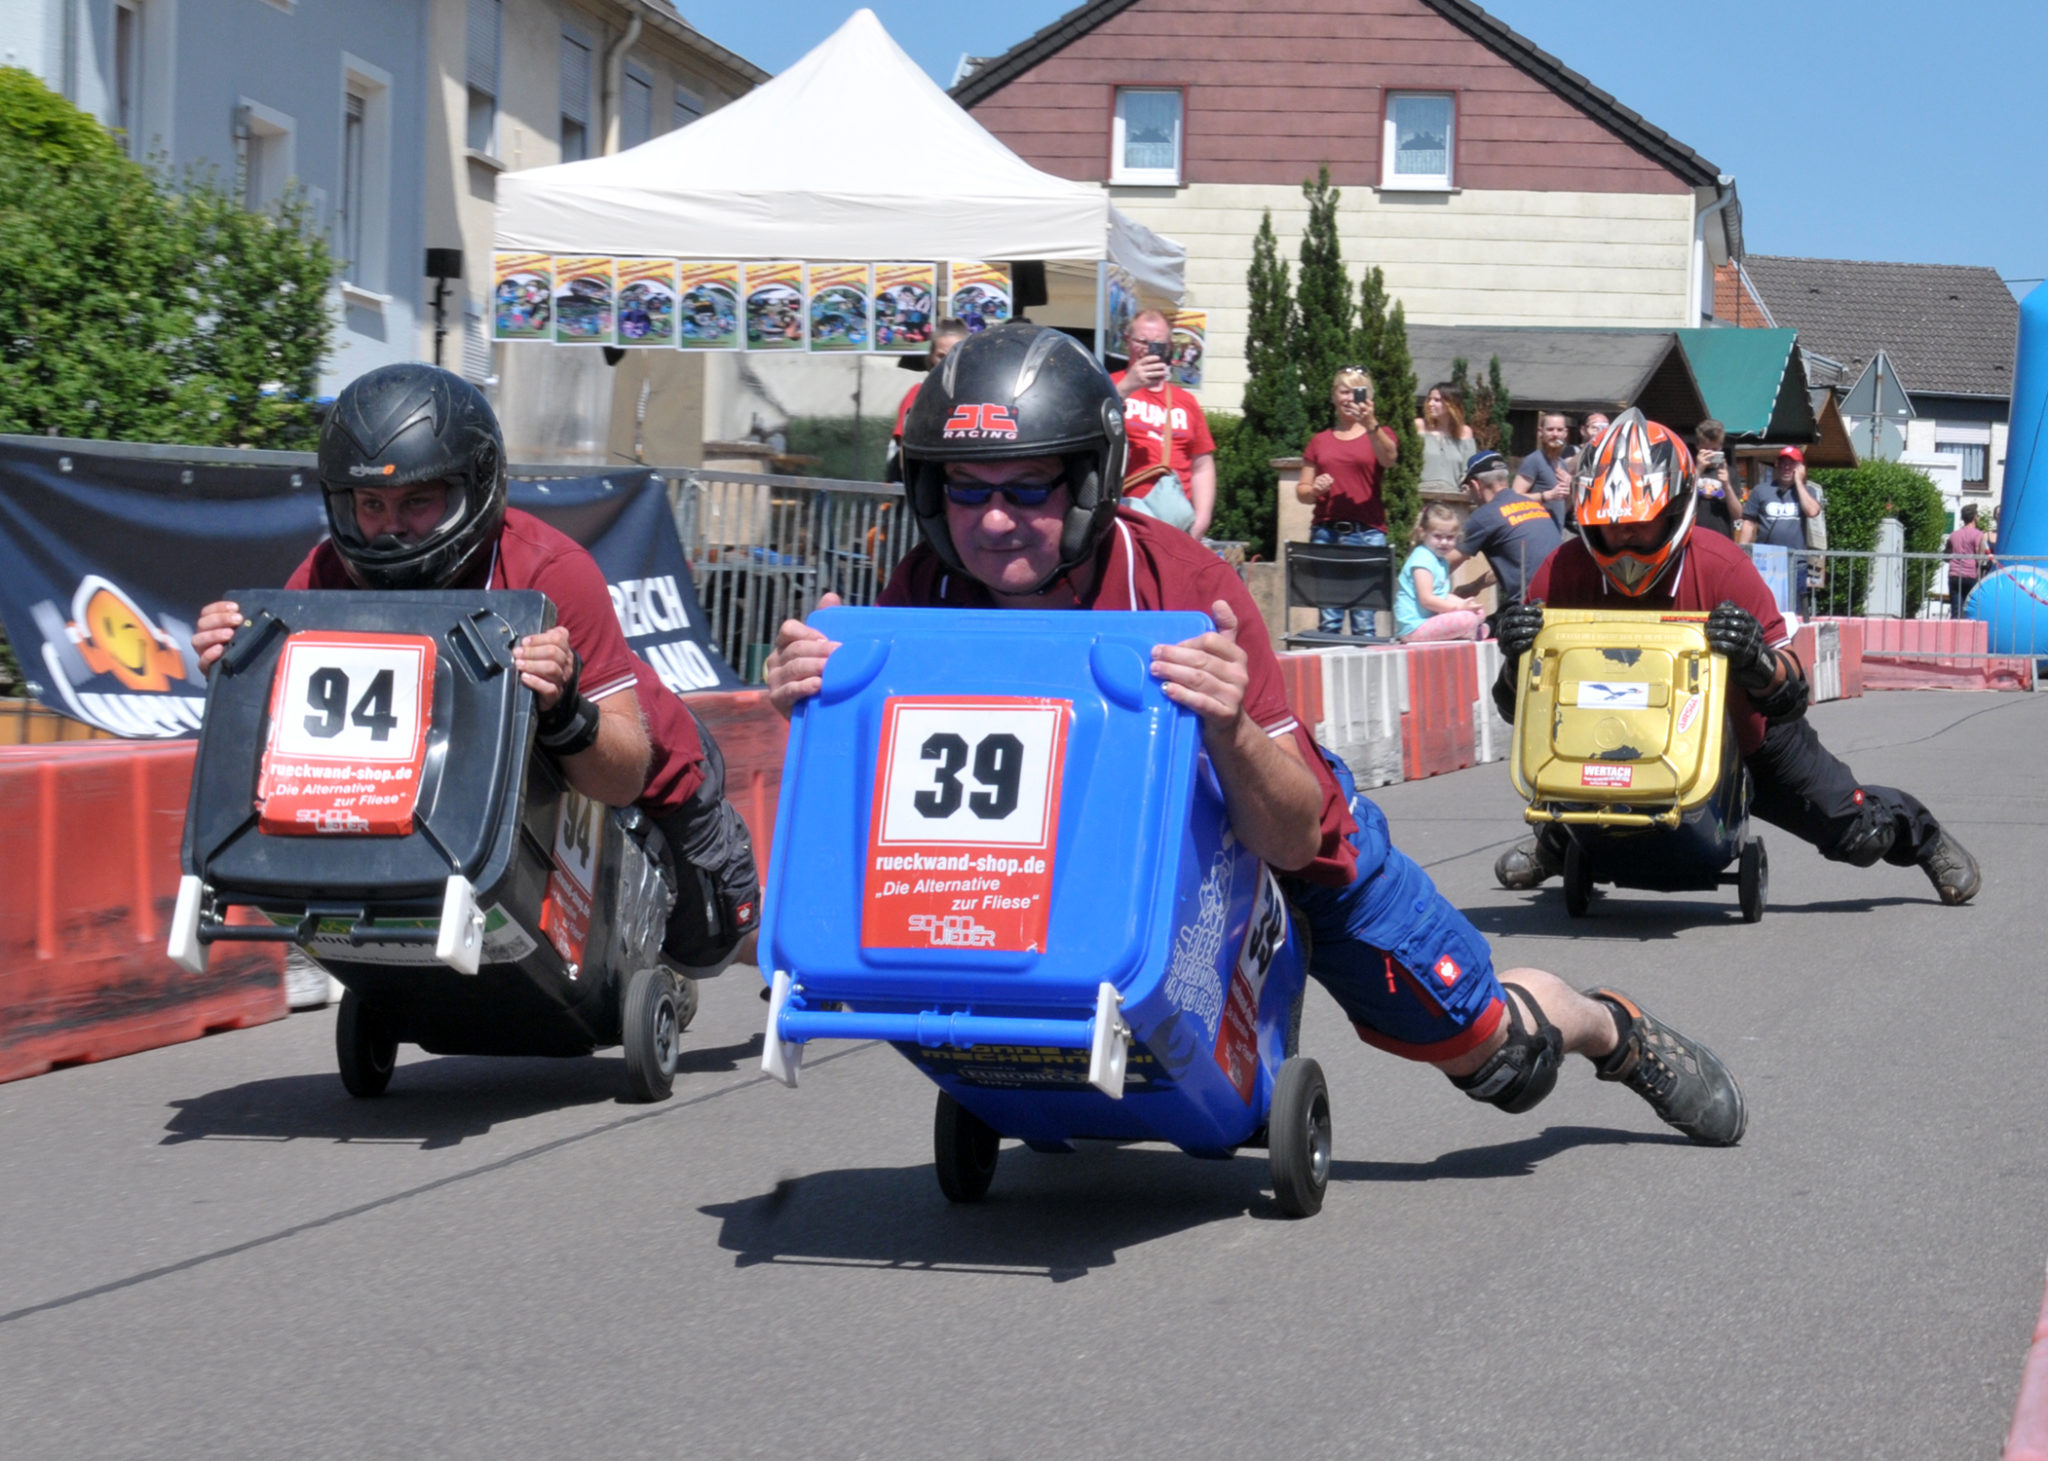 zu sehen sind drei Fahrer beim Muelltonnenrennen an der Bouser Maisause. Die Fahrer liegen auf den Tonnen, heben sie an und rollen auf den zwei Raedern die Rennstrecke hinunter.